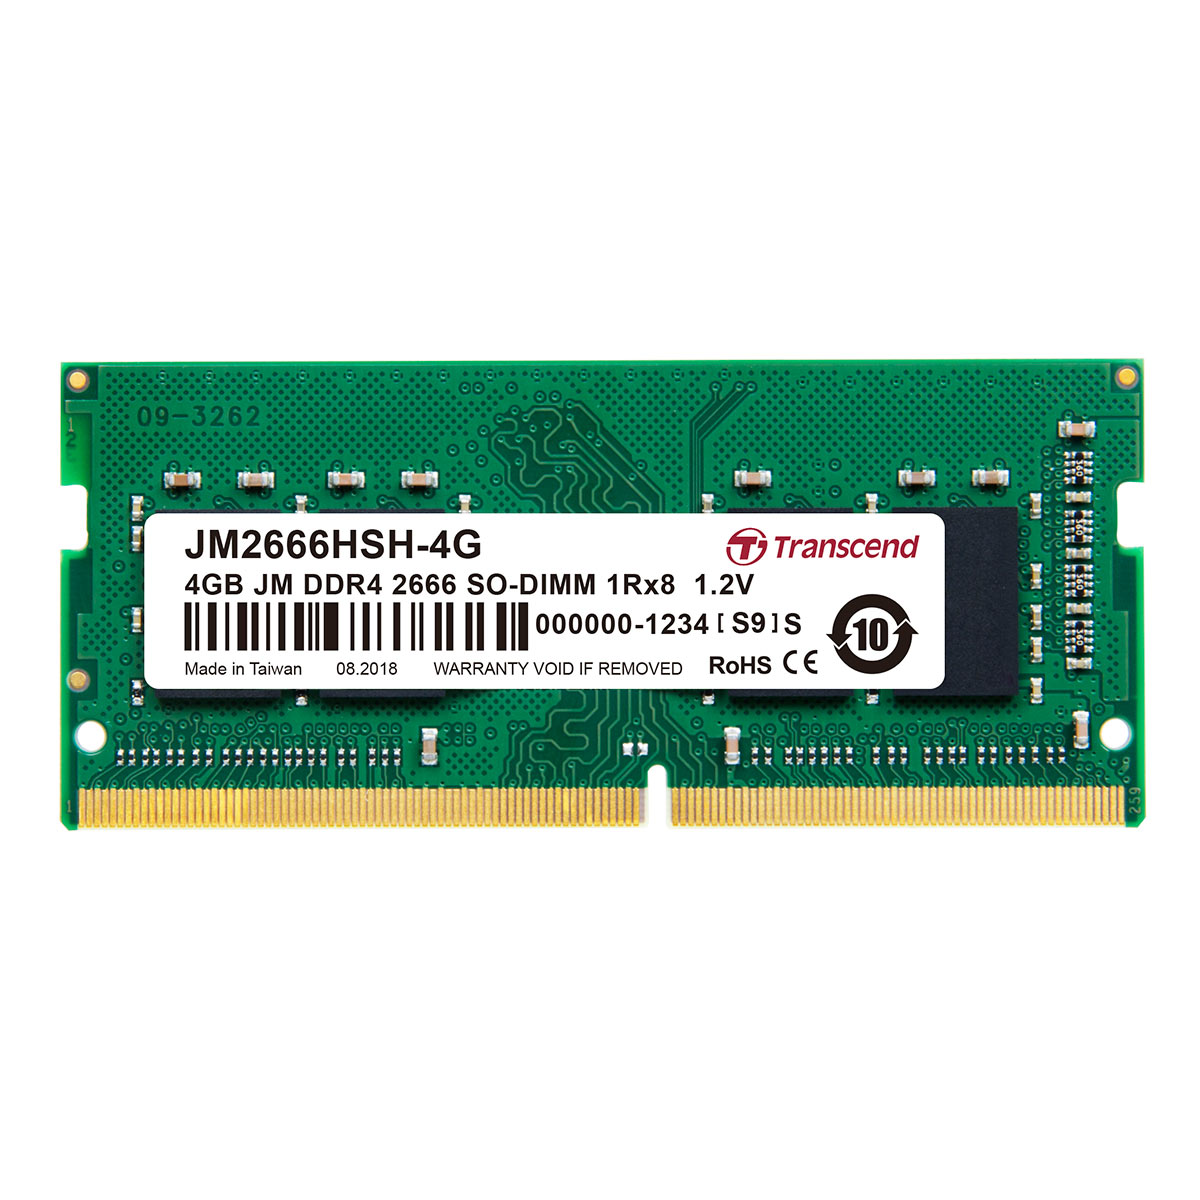 【4月25日値下げしました】Transcend 増設メモリー 4GB ノートPC用 DDR4-2666 PC4-21300 SO-DIMM PCメモリ メモリーモジュール ノートパソコン用[JM2666HSH-4G]【ネコポス専用】【送料無料】